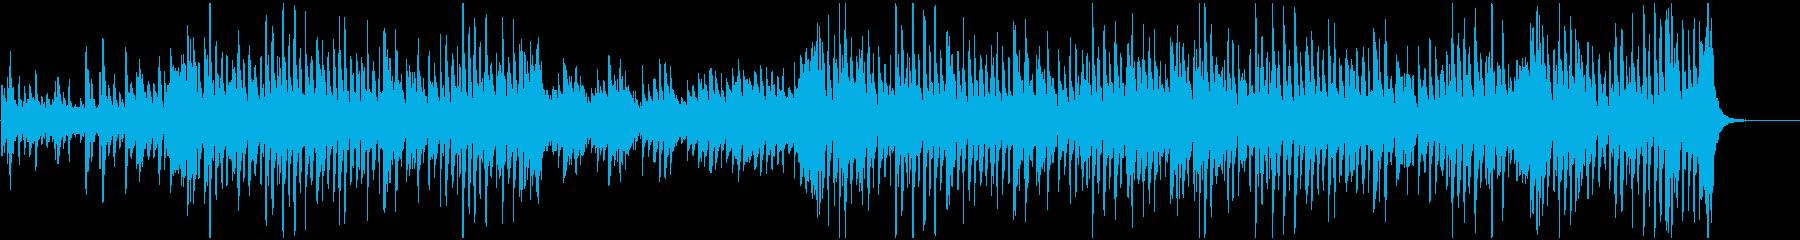 ピアノ、ストリングス、木管楽器、グ...の再生済みの波形